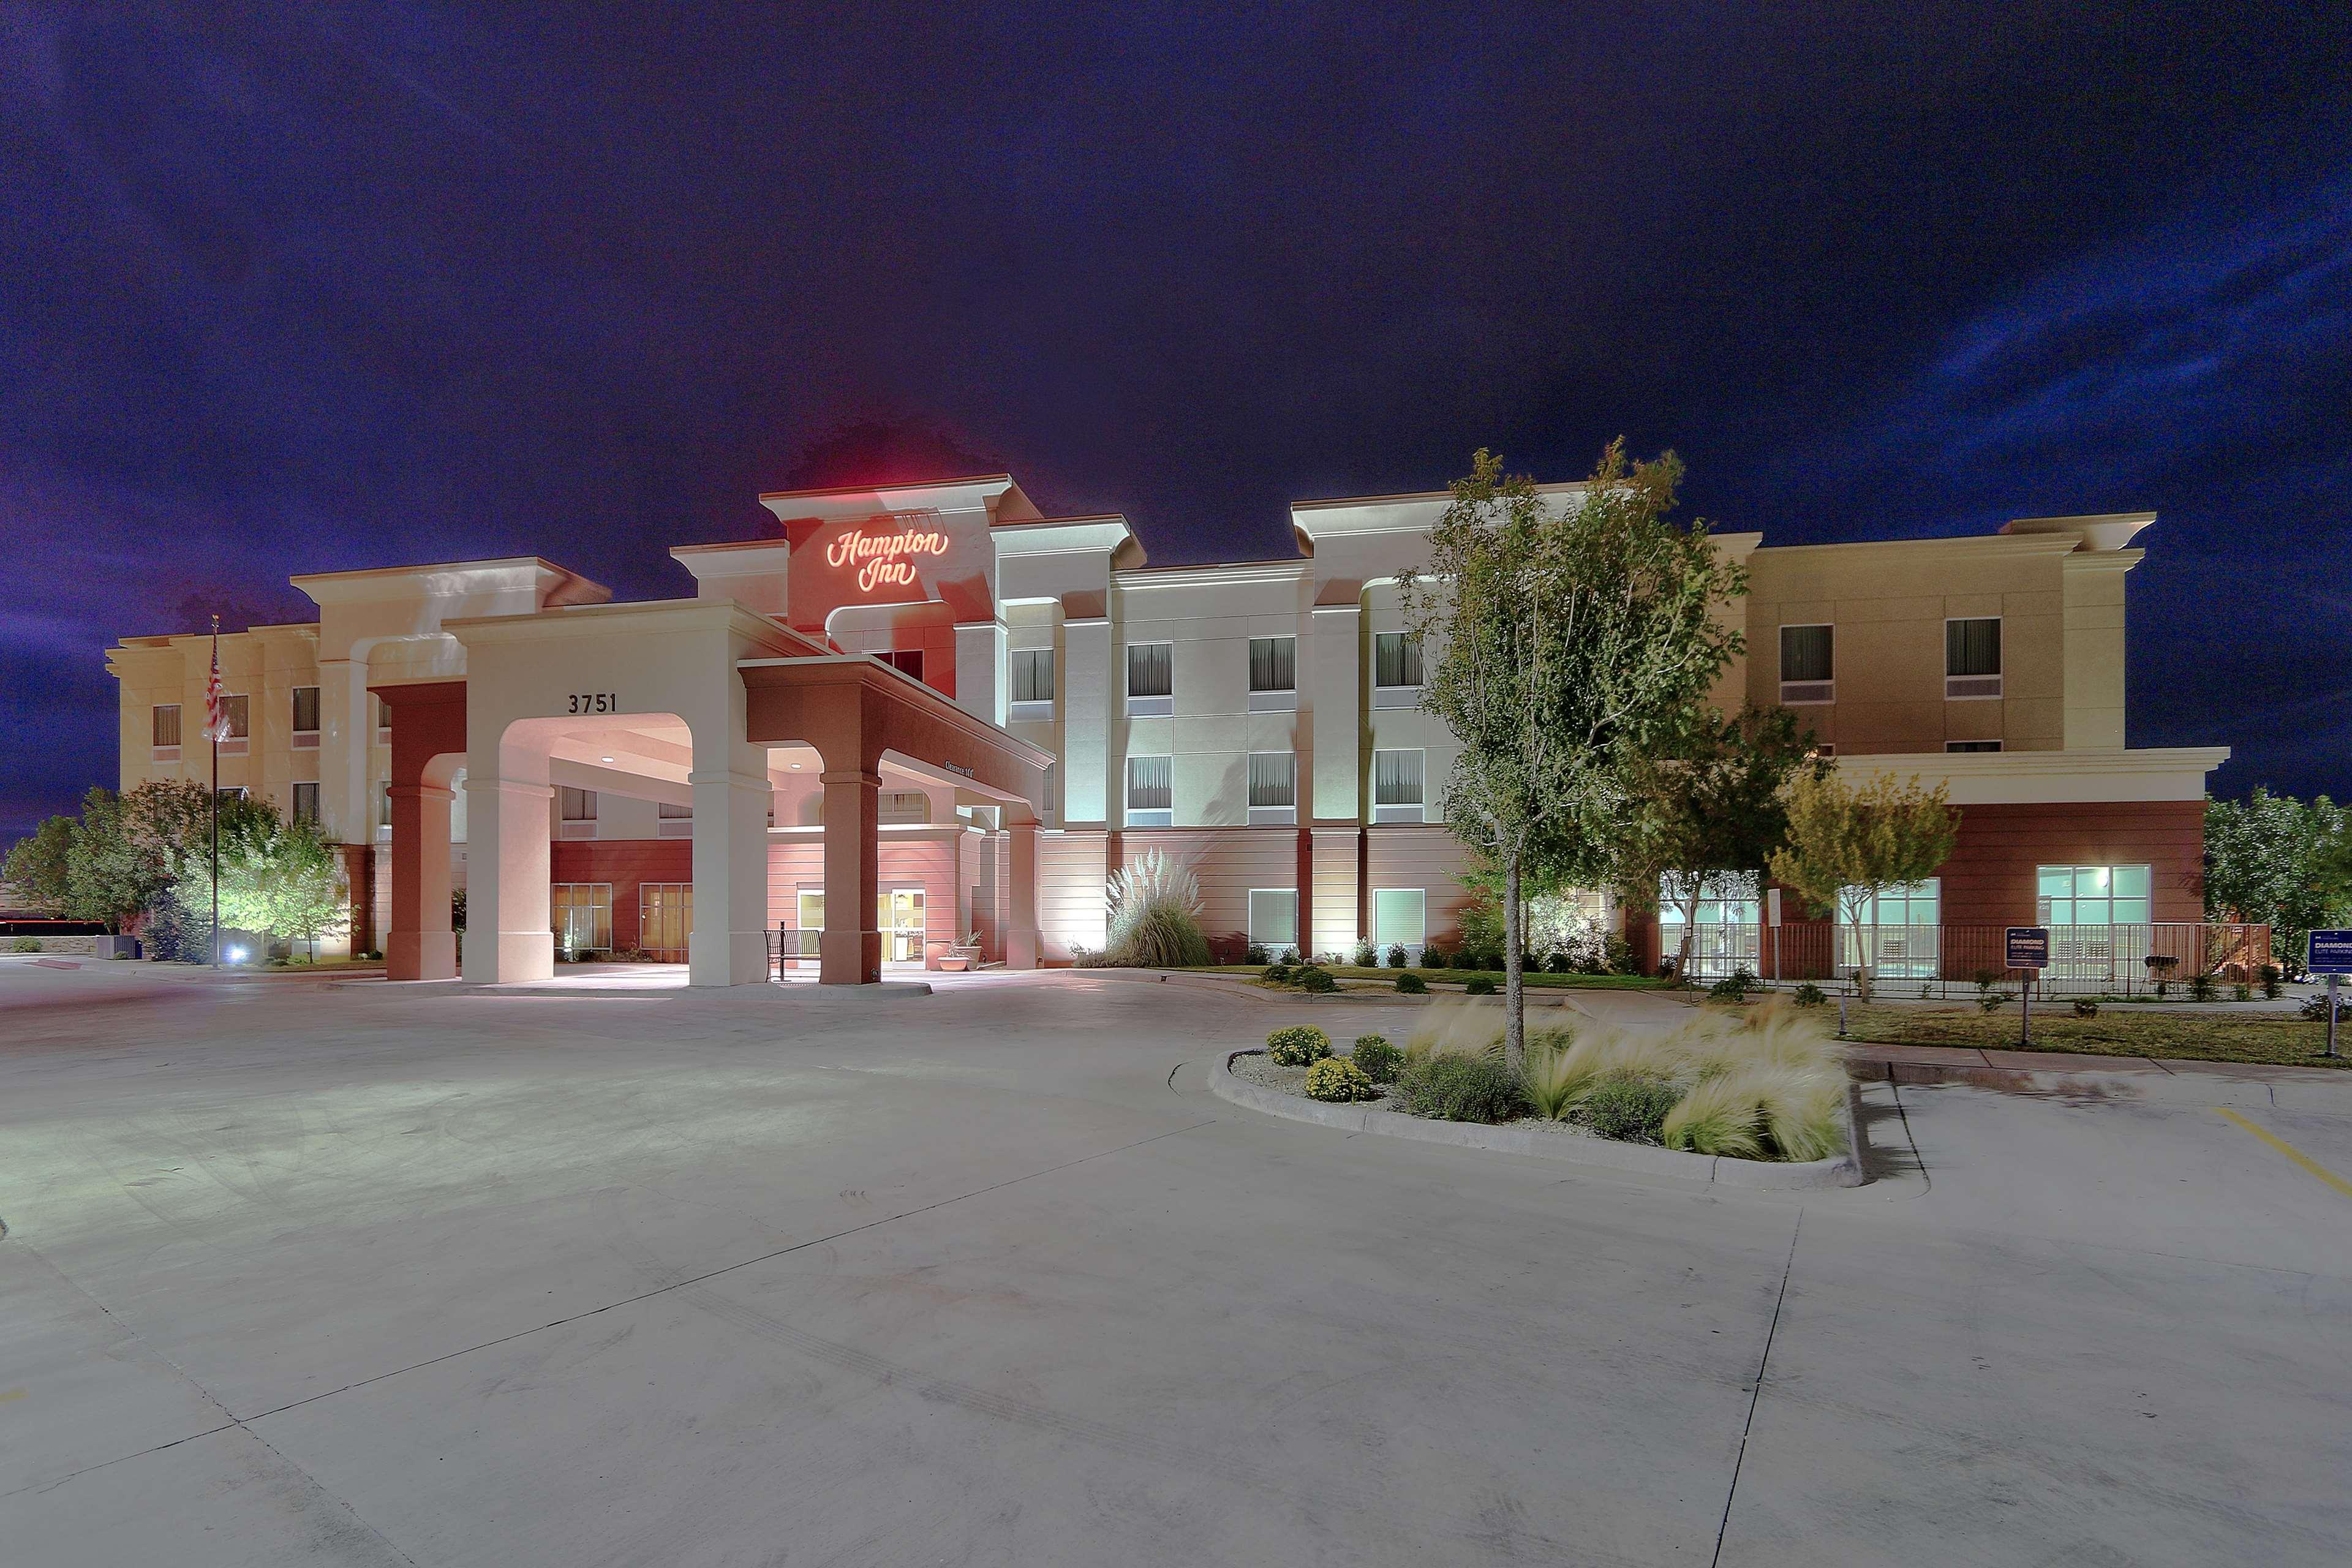 Hampton Inn Deming, NM